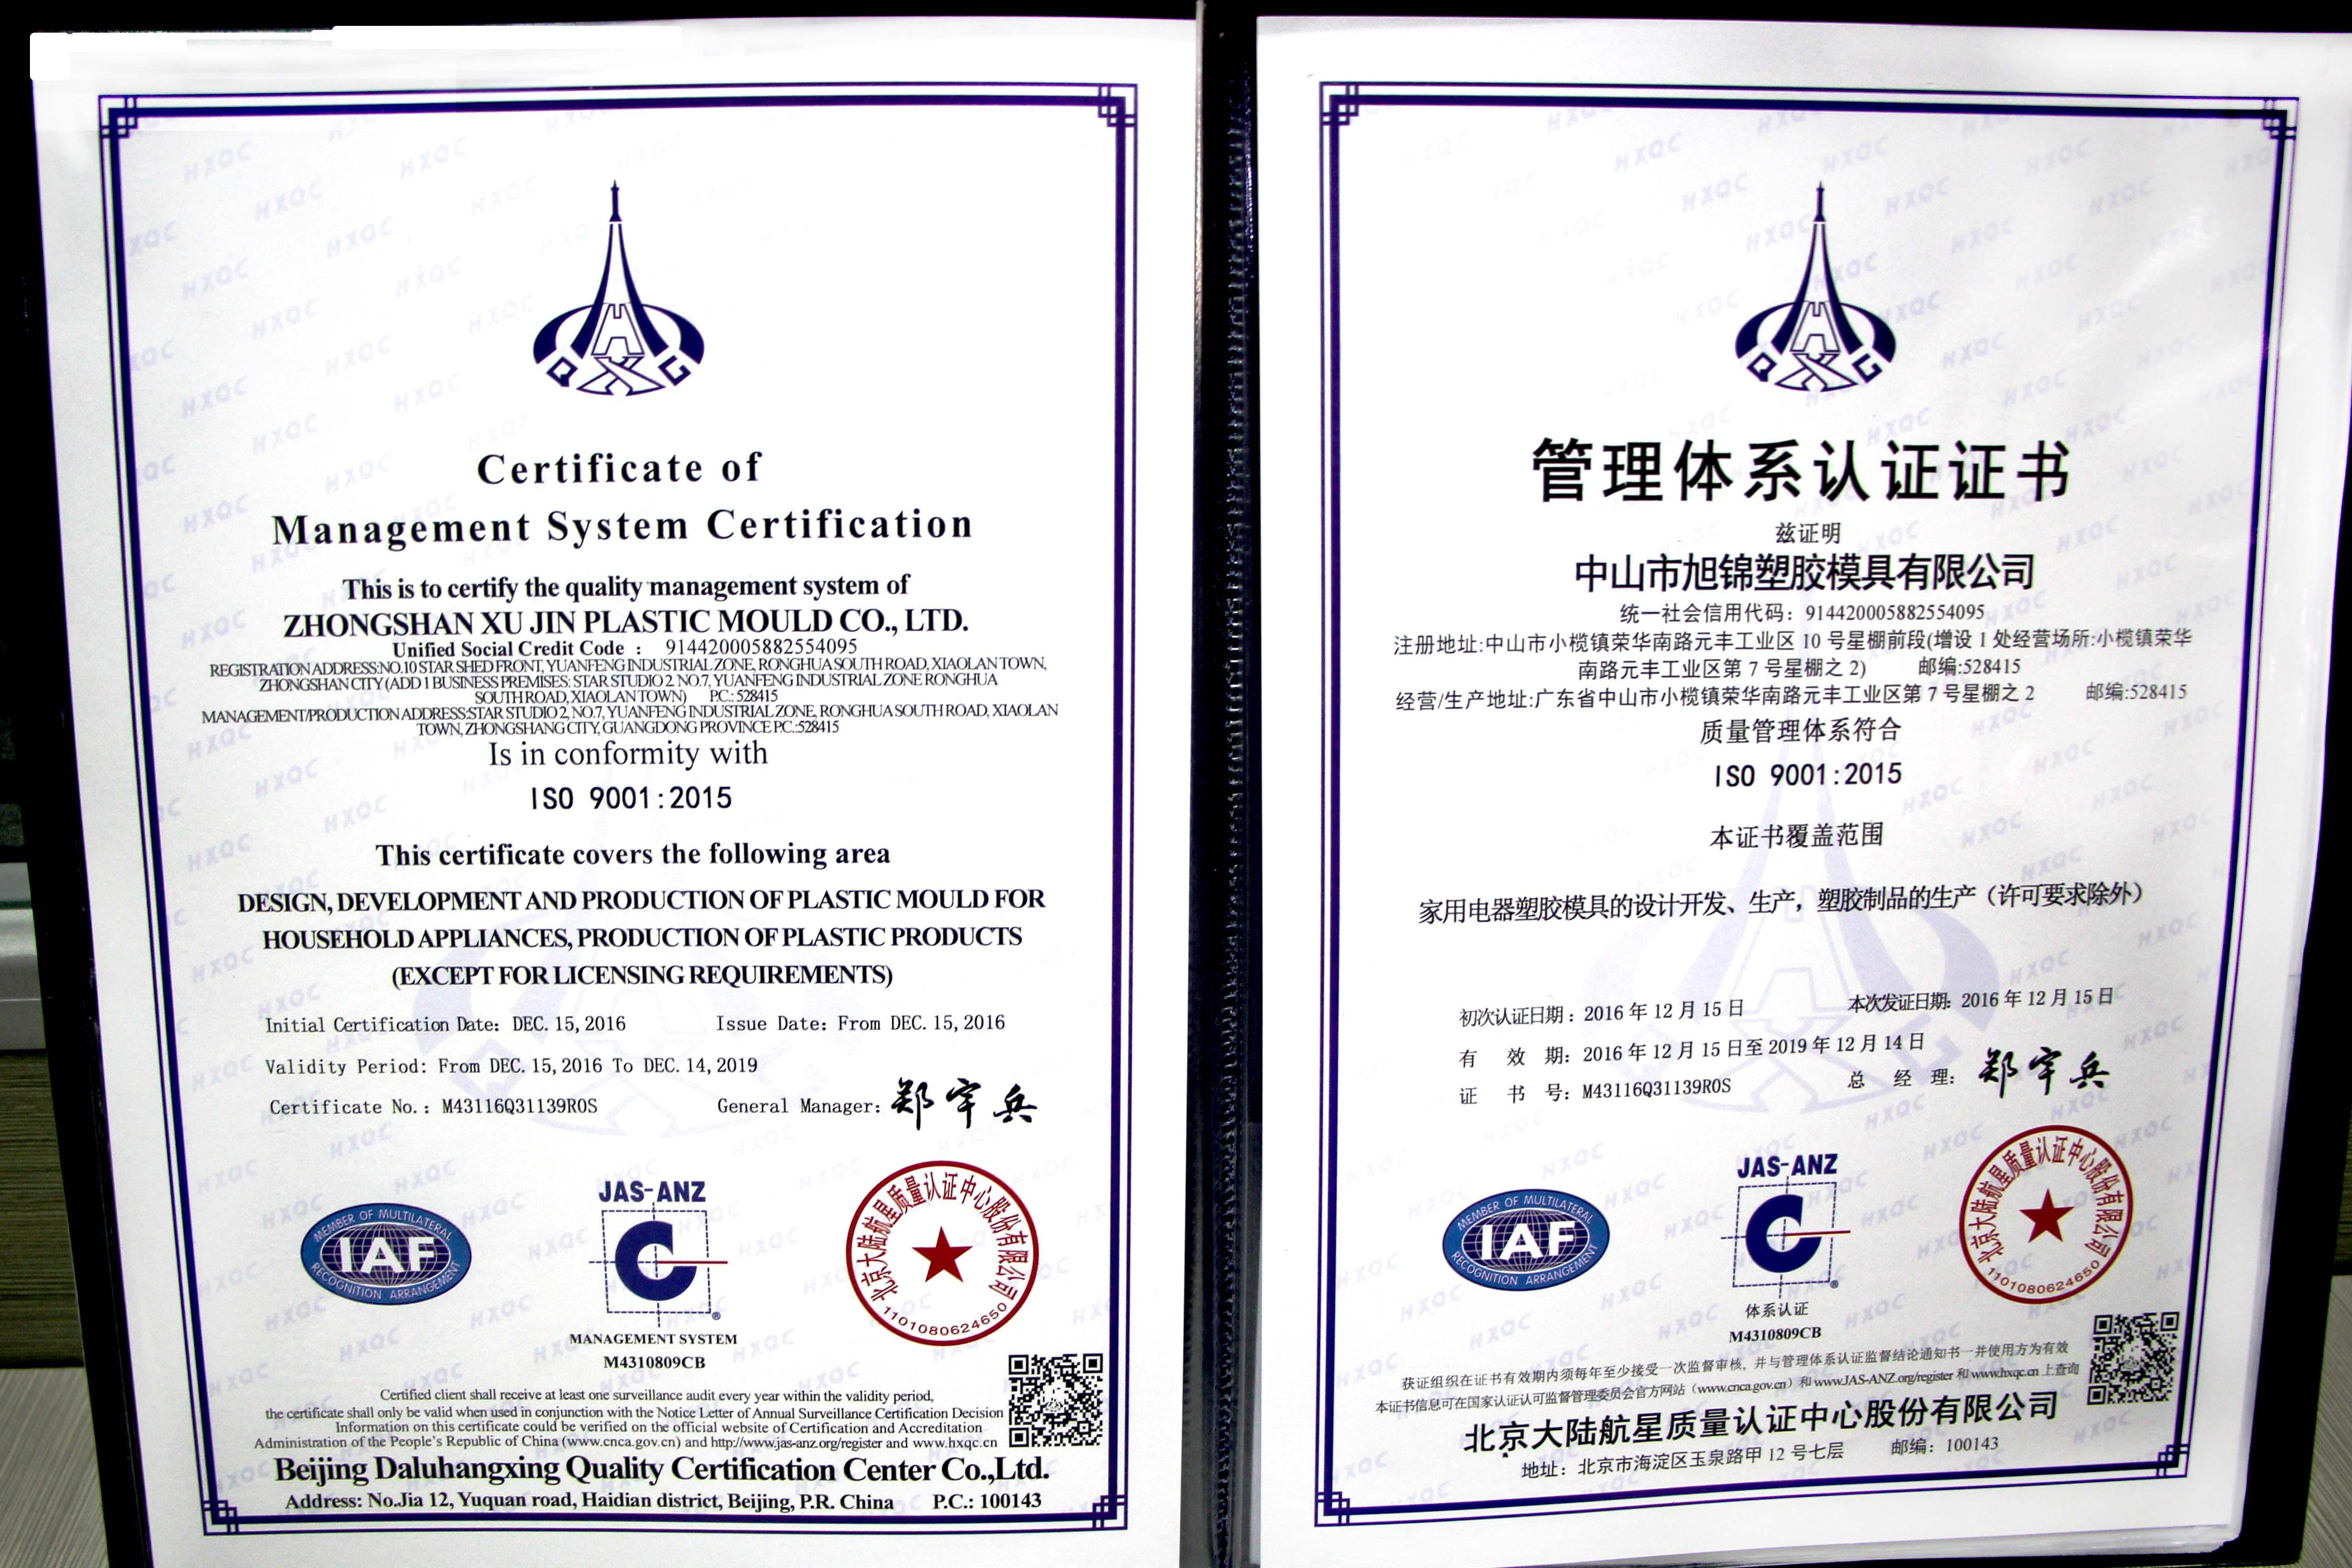 旭锦企业质量管理体系认证证书